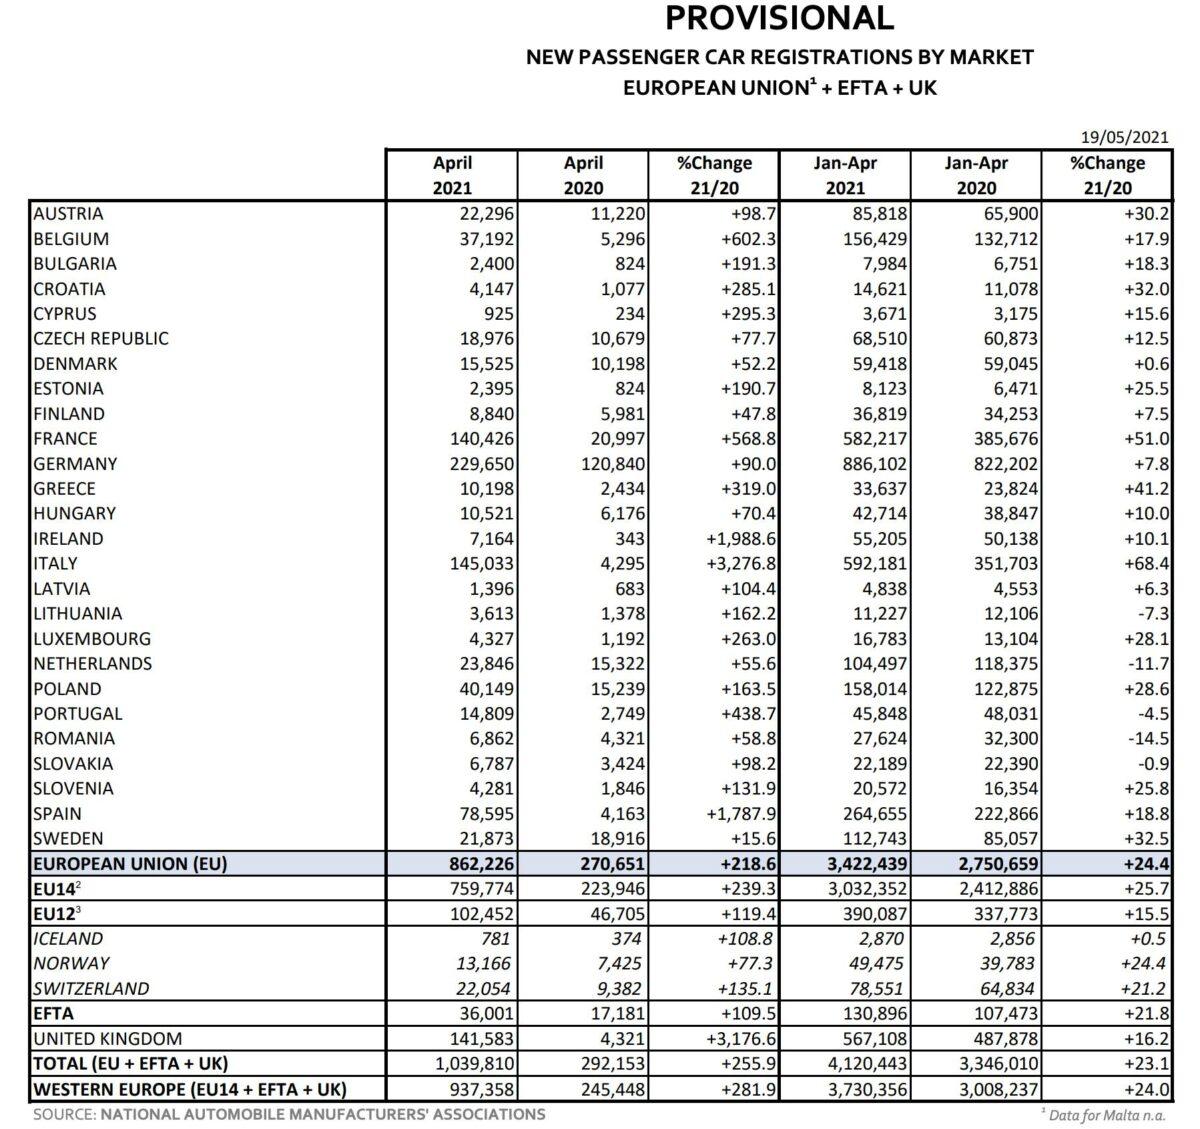 Statistik zeigt Details zu Autozulassungen in der EU im April